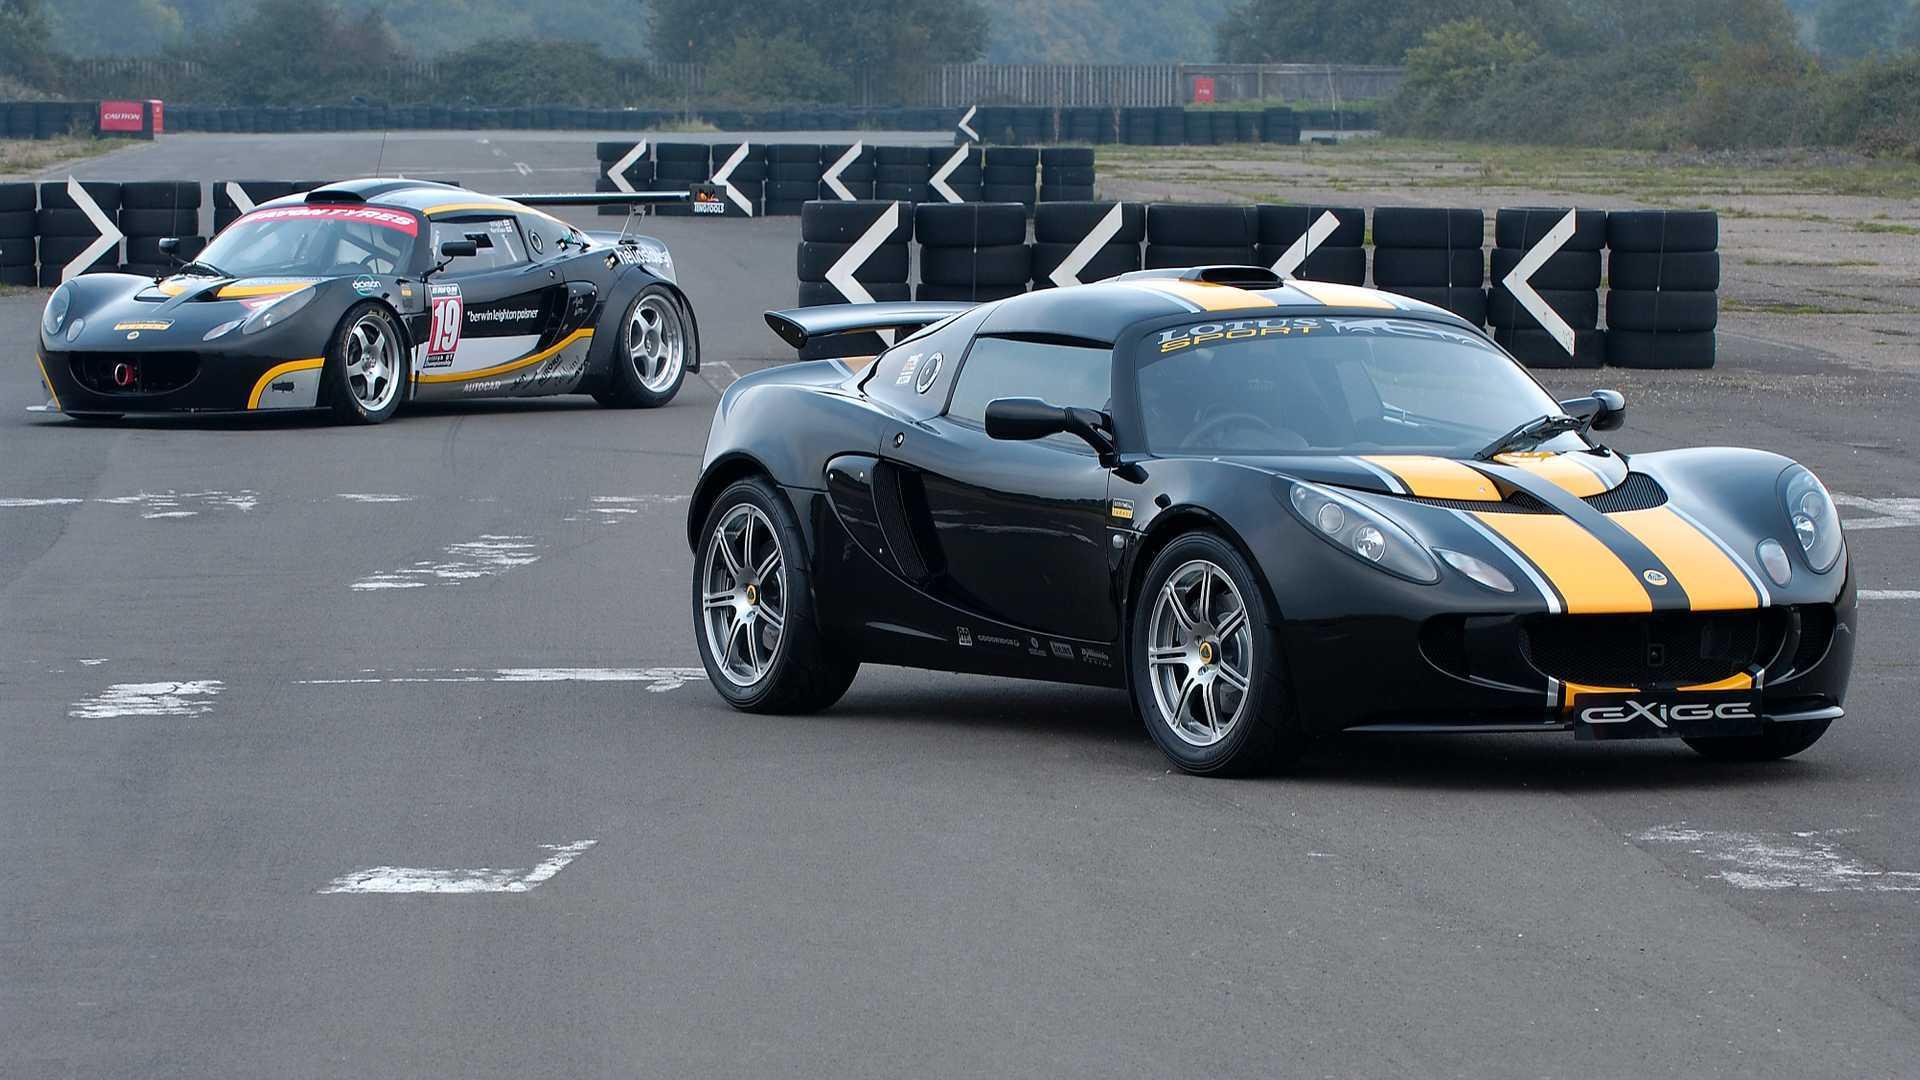 McLaren 675LT, Lotus Exige V6 Club Racer ile kozlarını paylaşıyor